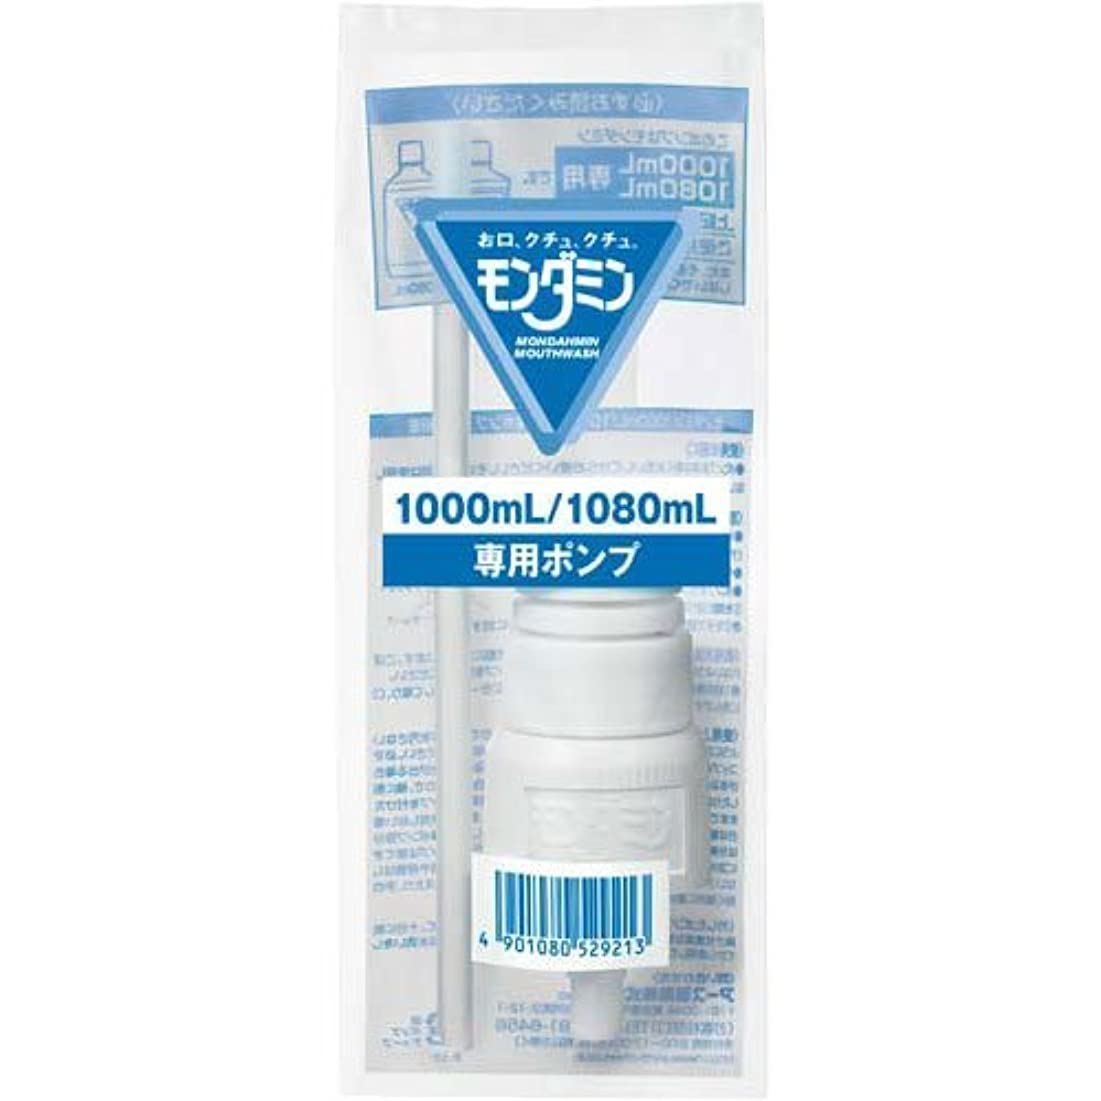 シーサイド取り扱いお願いしますアース製薬 モンダミン1080ml専用ポンプ